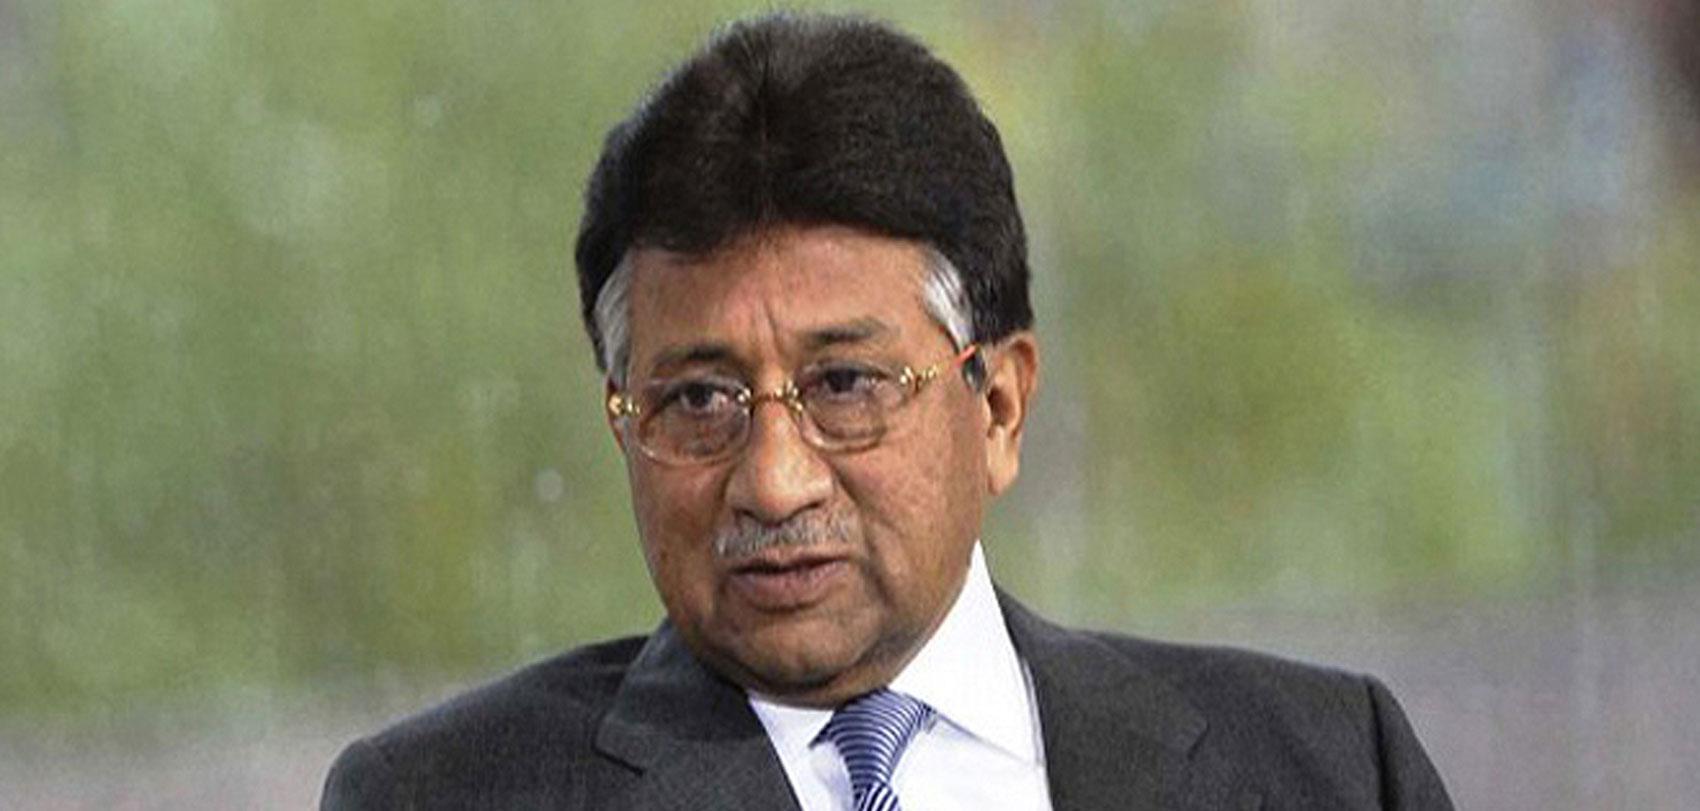 पूर्वराष्ट्रपति मुशर्रफलाई मृत्युदण्डको फैसला